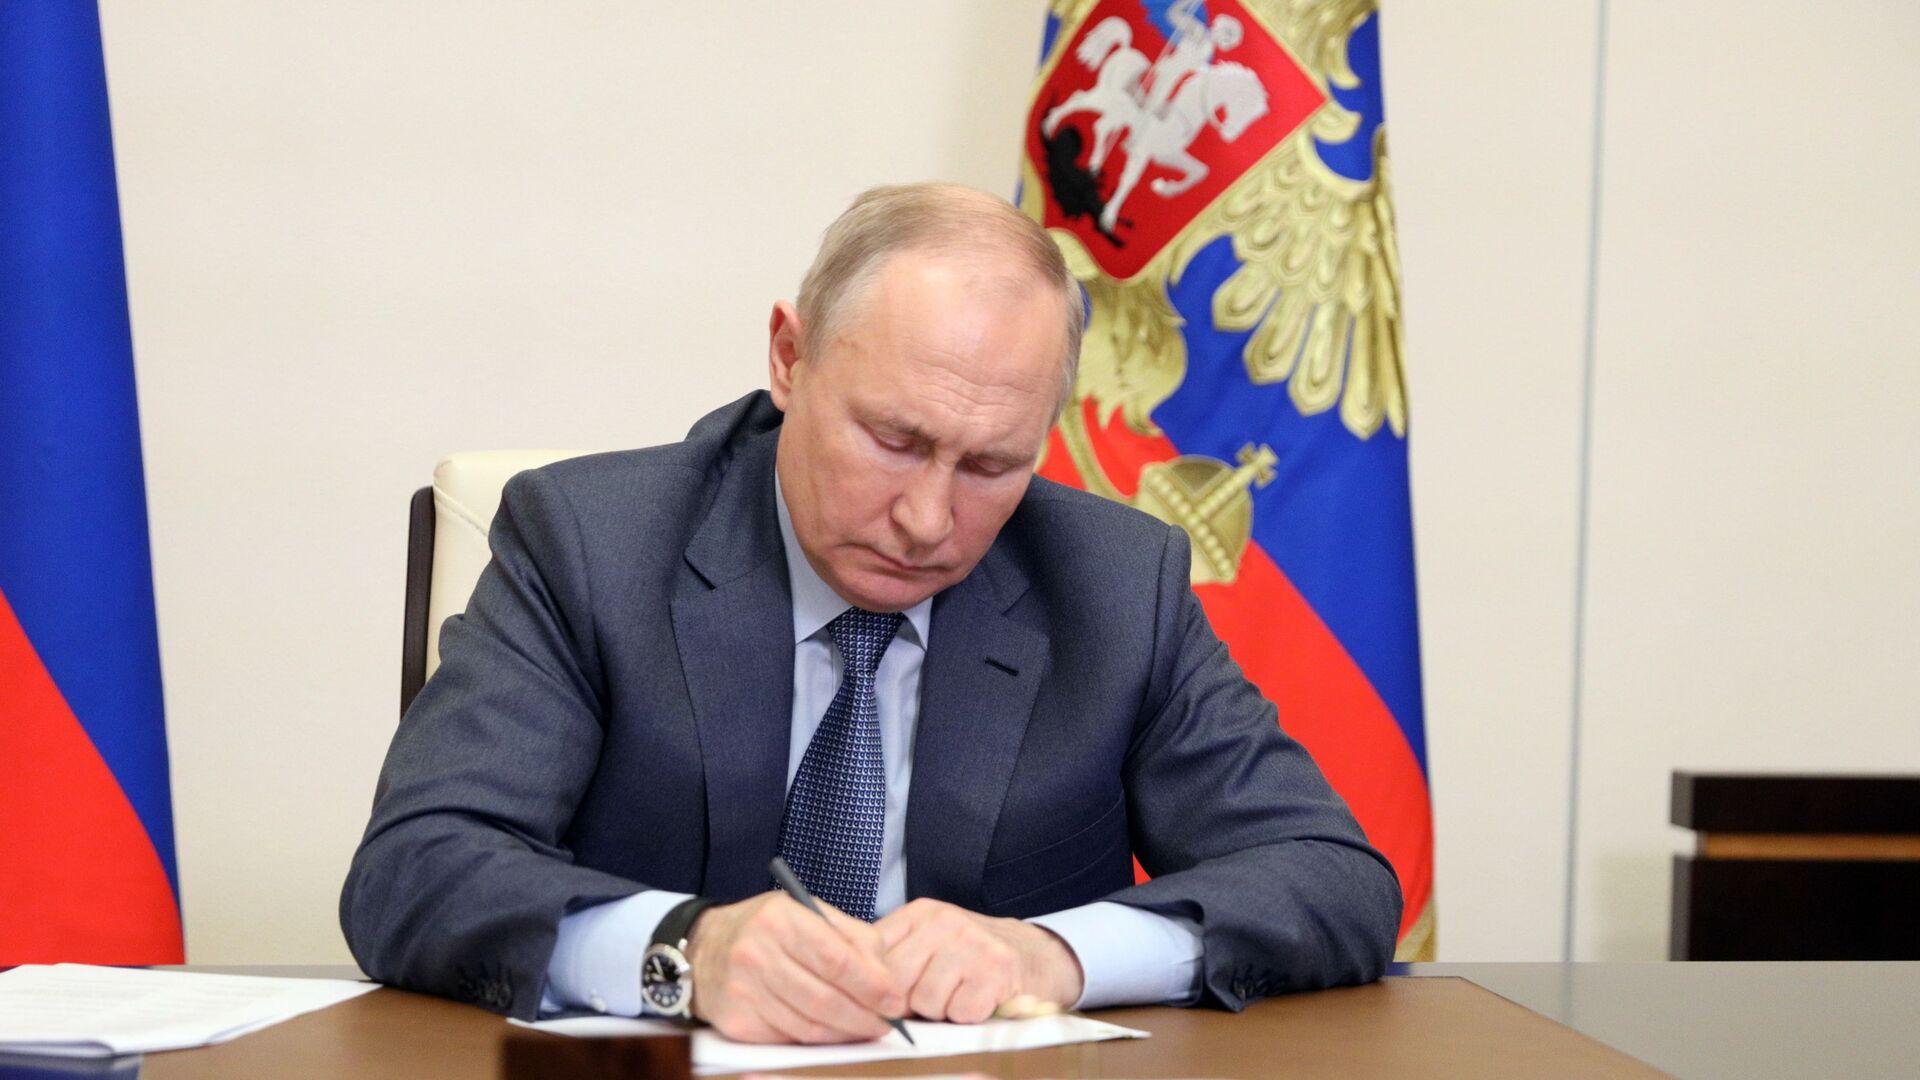 Prezydent Rosji Władimir Putin podczas wideokonferencji z członkami rosyjskiego rządu - Sputnik Polska, 1920, 14.09.2021